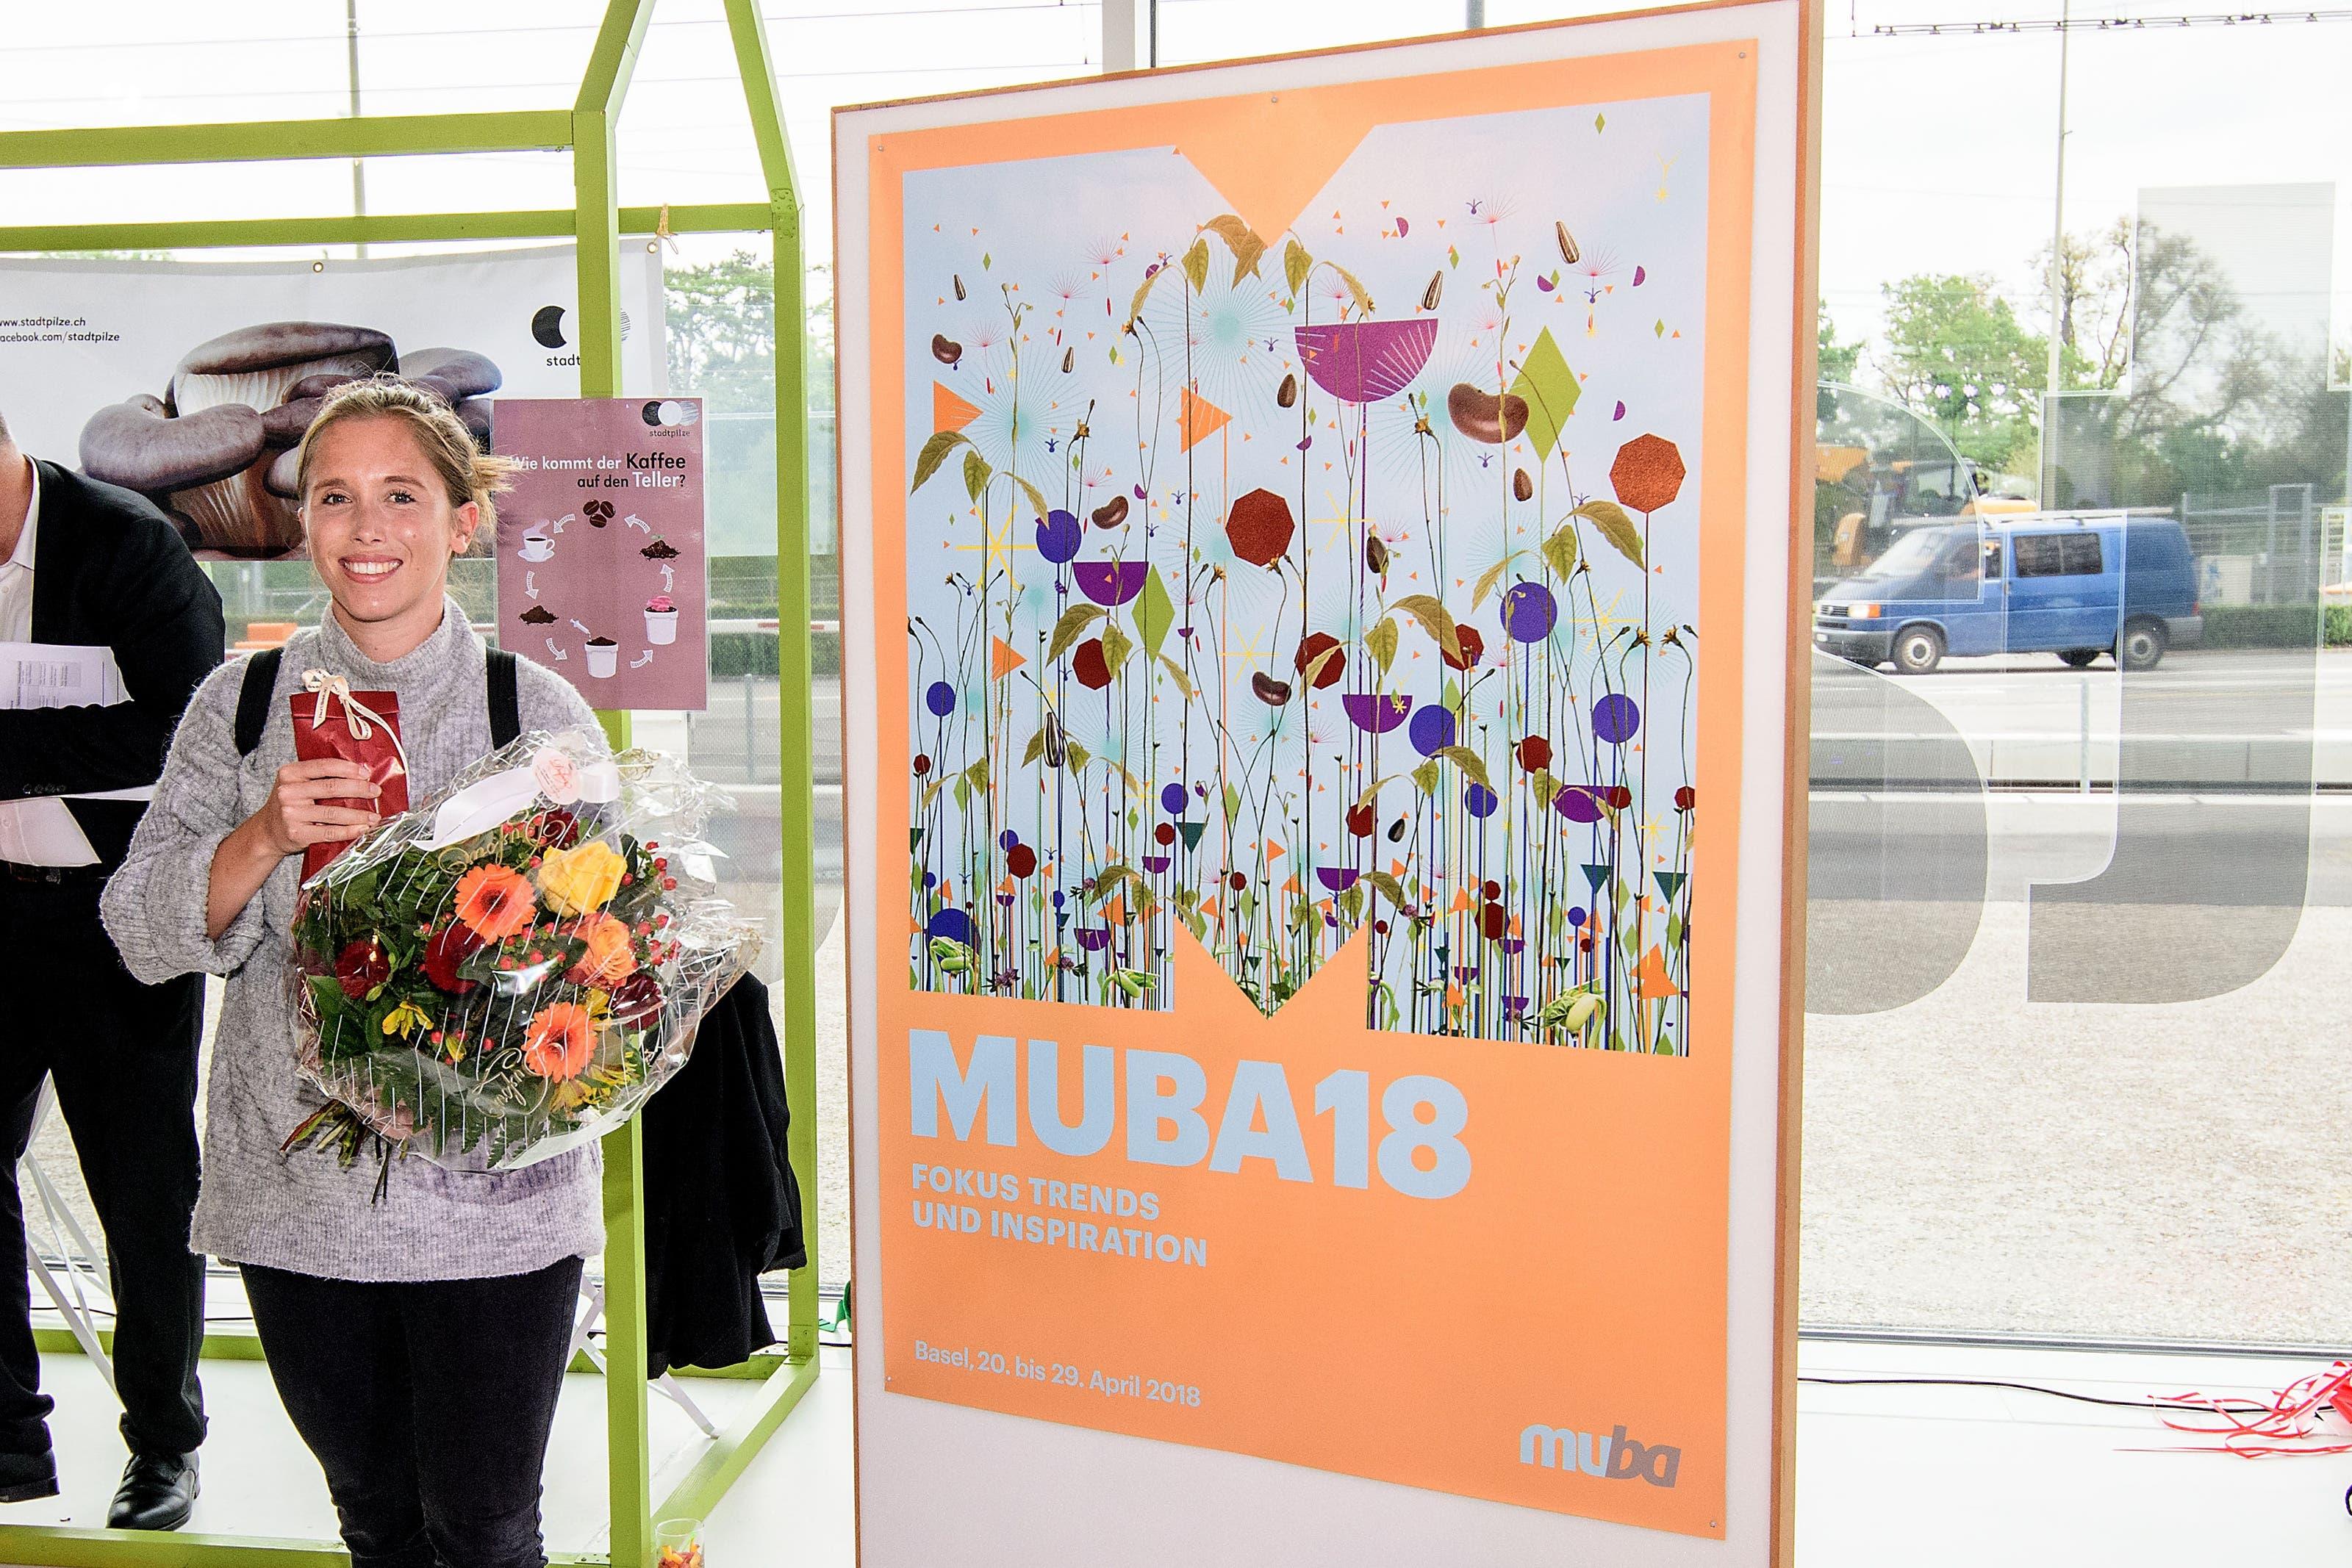 Plakatvernissage und Preisverleihung zum Muba-Plakat 2018: Die Siegerin Meret Buser. Plakatvernissage und Preisverleihung muba-Plakat 2018, Campus der Künste, Dreispitz: Die Siegerin Meret Buser mit ihrem Plakat